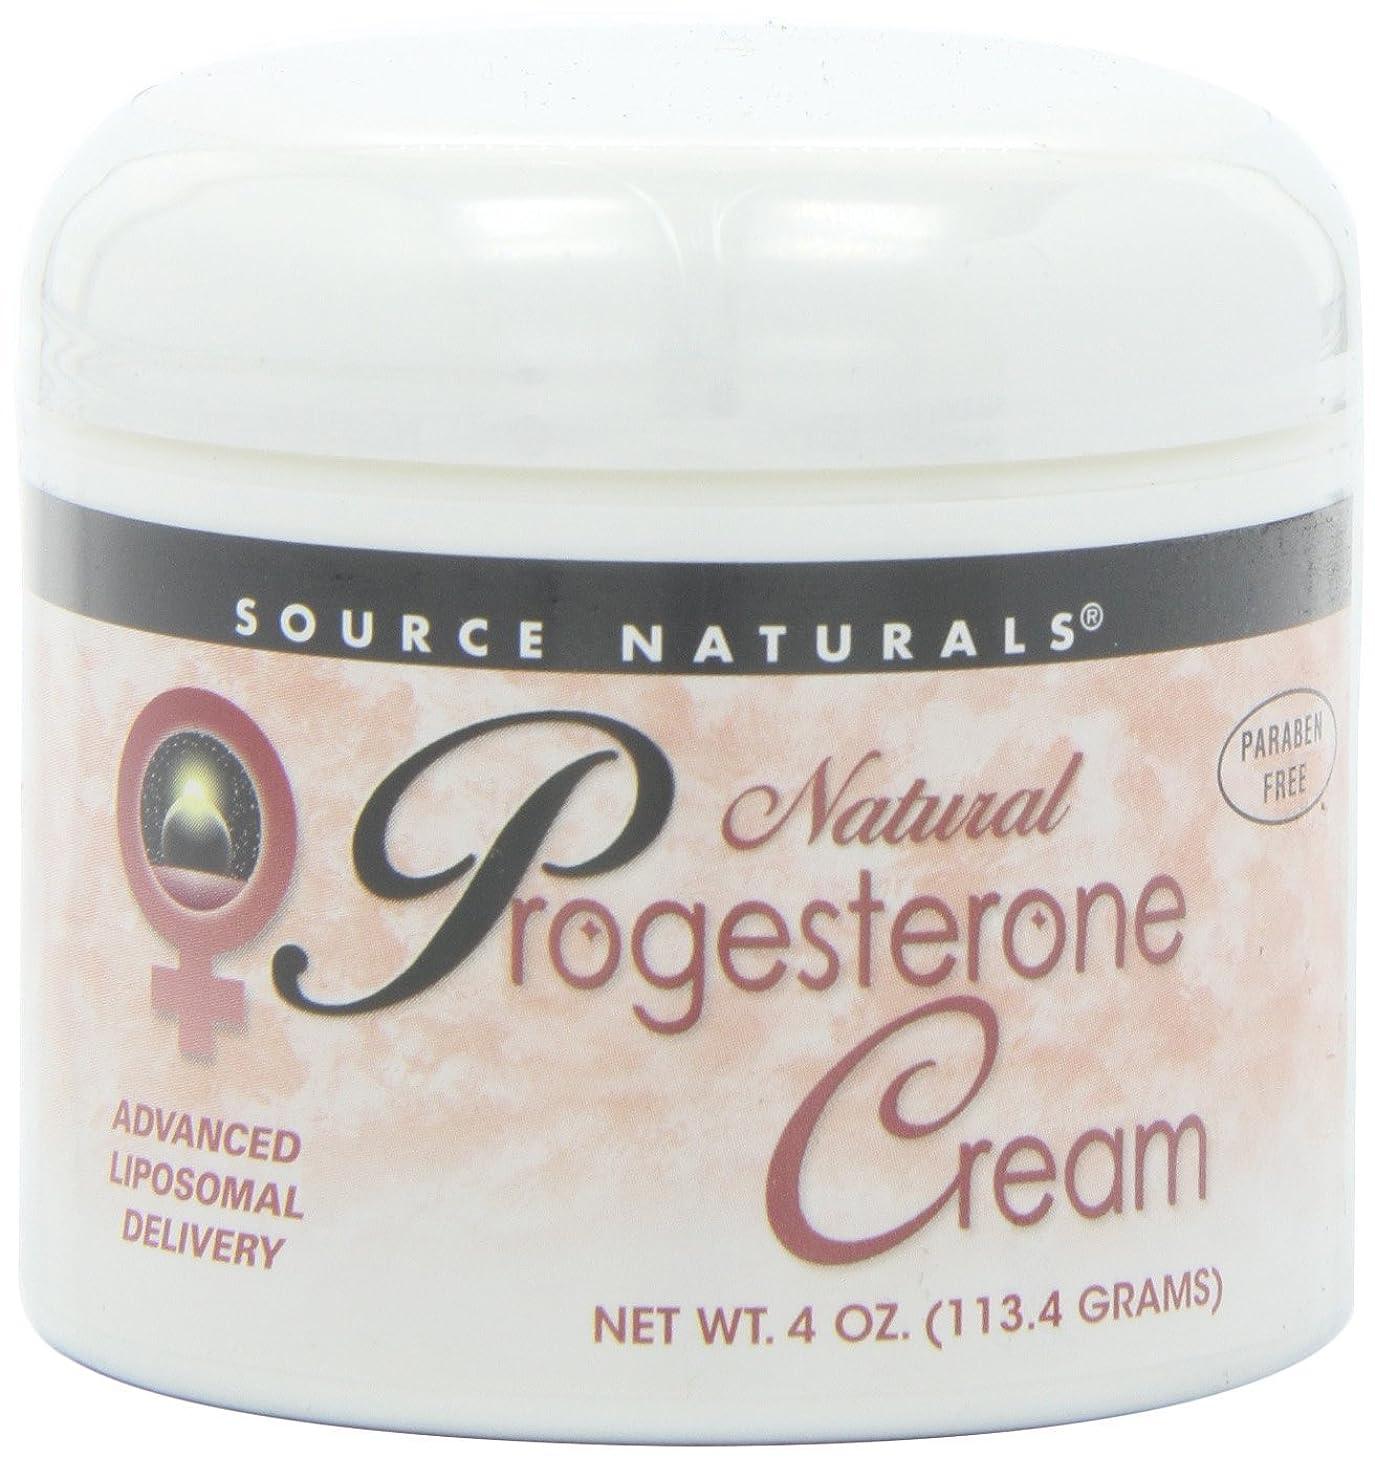 批判的に生き残り無謀Source Naturals Natural Progesterone Cream, 4 Ounce (113.4 g) クリーム 並行輸入品 [並行輸入品]